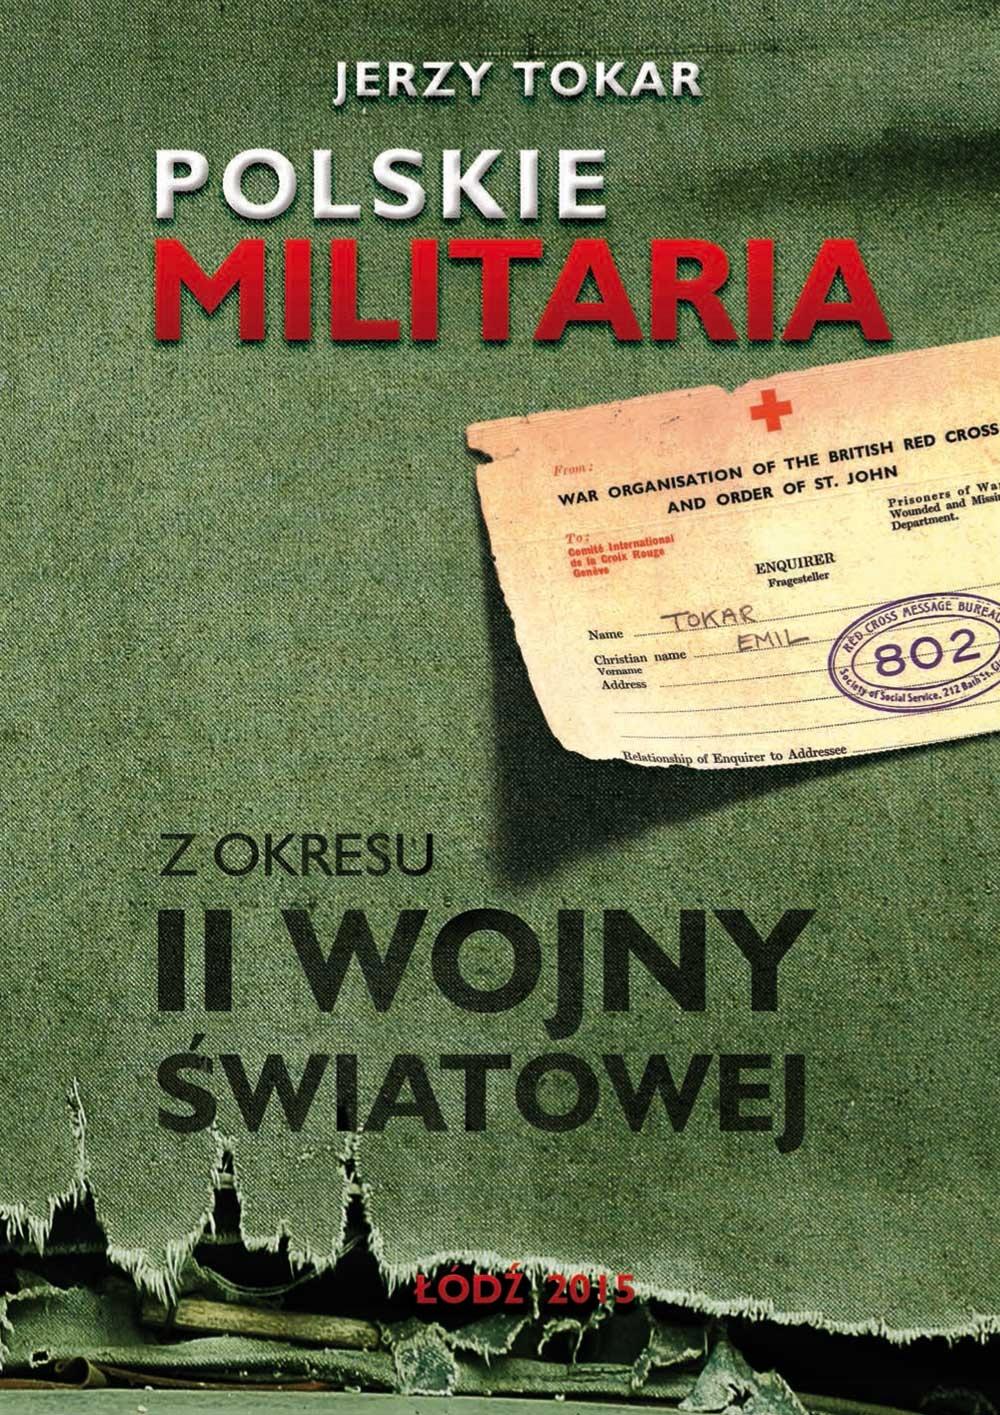 J.Tokar Польский военный времен Второй мировой войны.